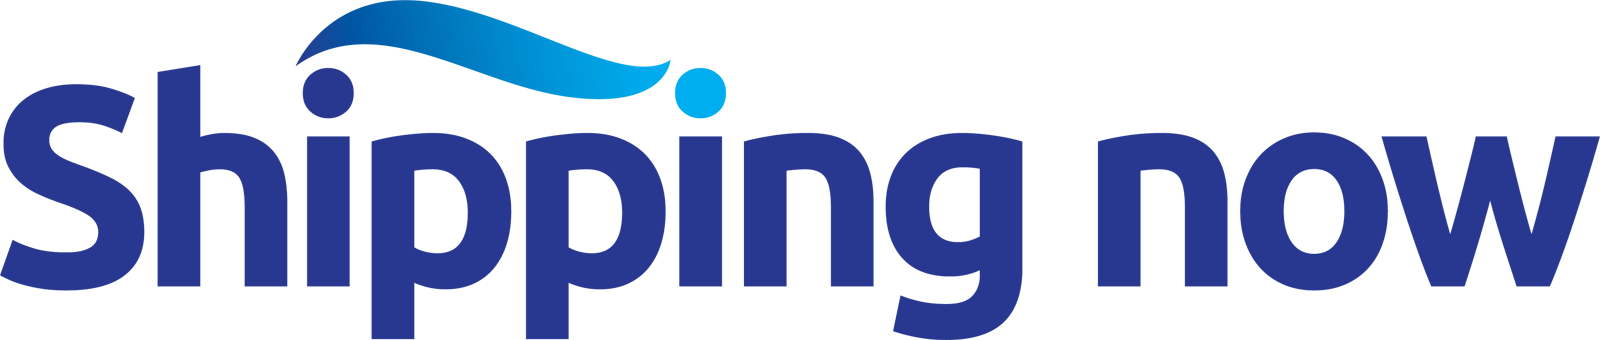 שילוח בינלאומי | עמילות מכס | יבוא | יצוא | SHIPPING NOW | שיפינג נאו